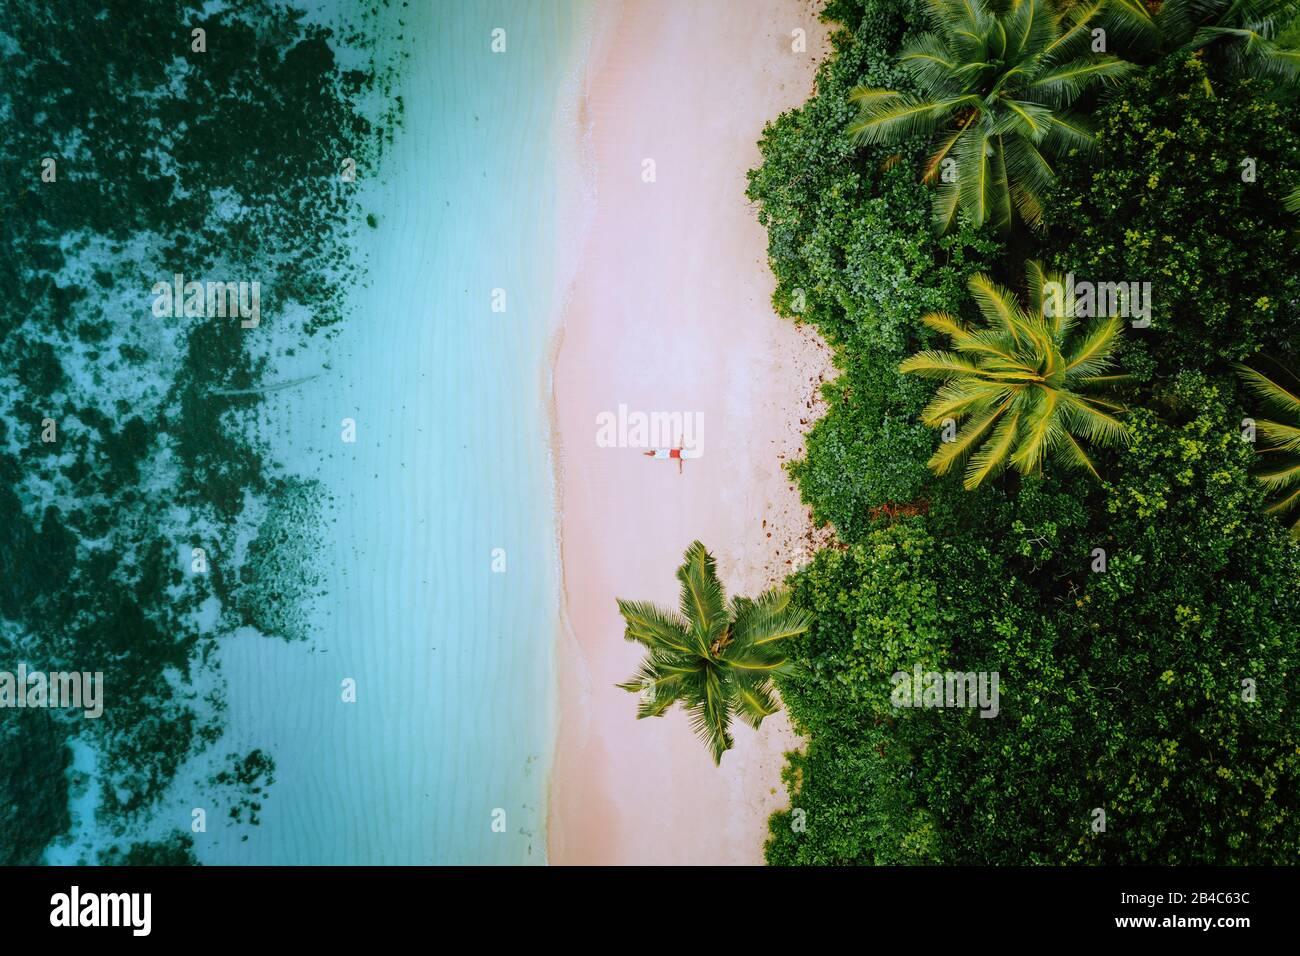 Vista aérea de una joven que se relaja en la playa de arena paradisíaca tropical rodeada de palmeras y aguas cristalinas del océano. Foto de stock